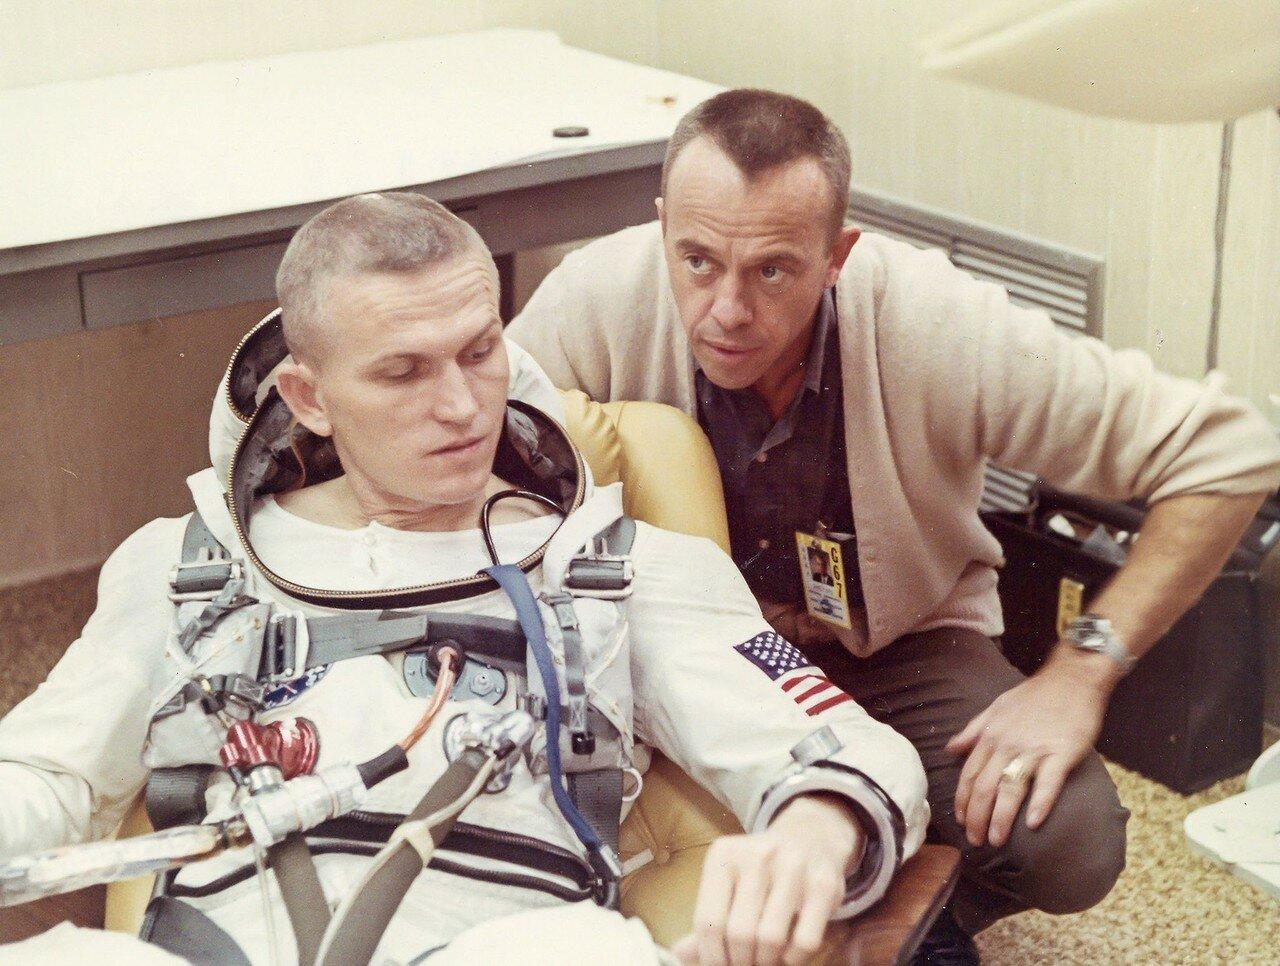 1965, декабрь. Астронавты Фрэнк Борман и Джеймс Ловелл во время обратного отсчета. Джемини-7.Основной целью полёта являлась отработка длительного нахождения в космосе (две недели) для обеспечения будущей лунной программы